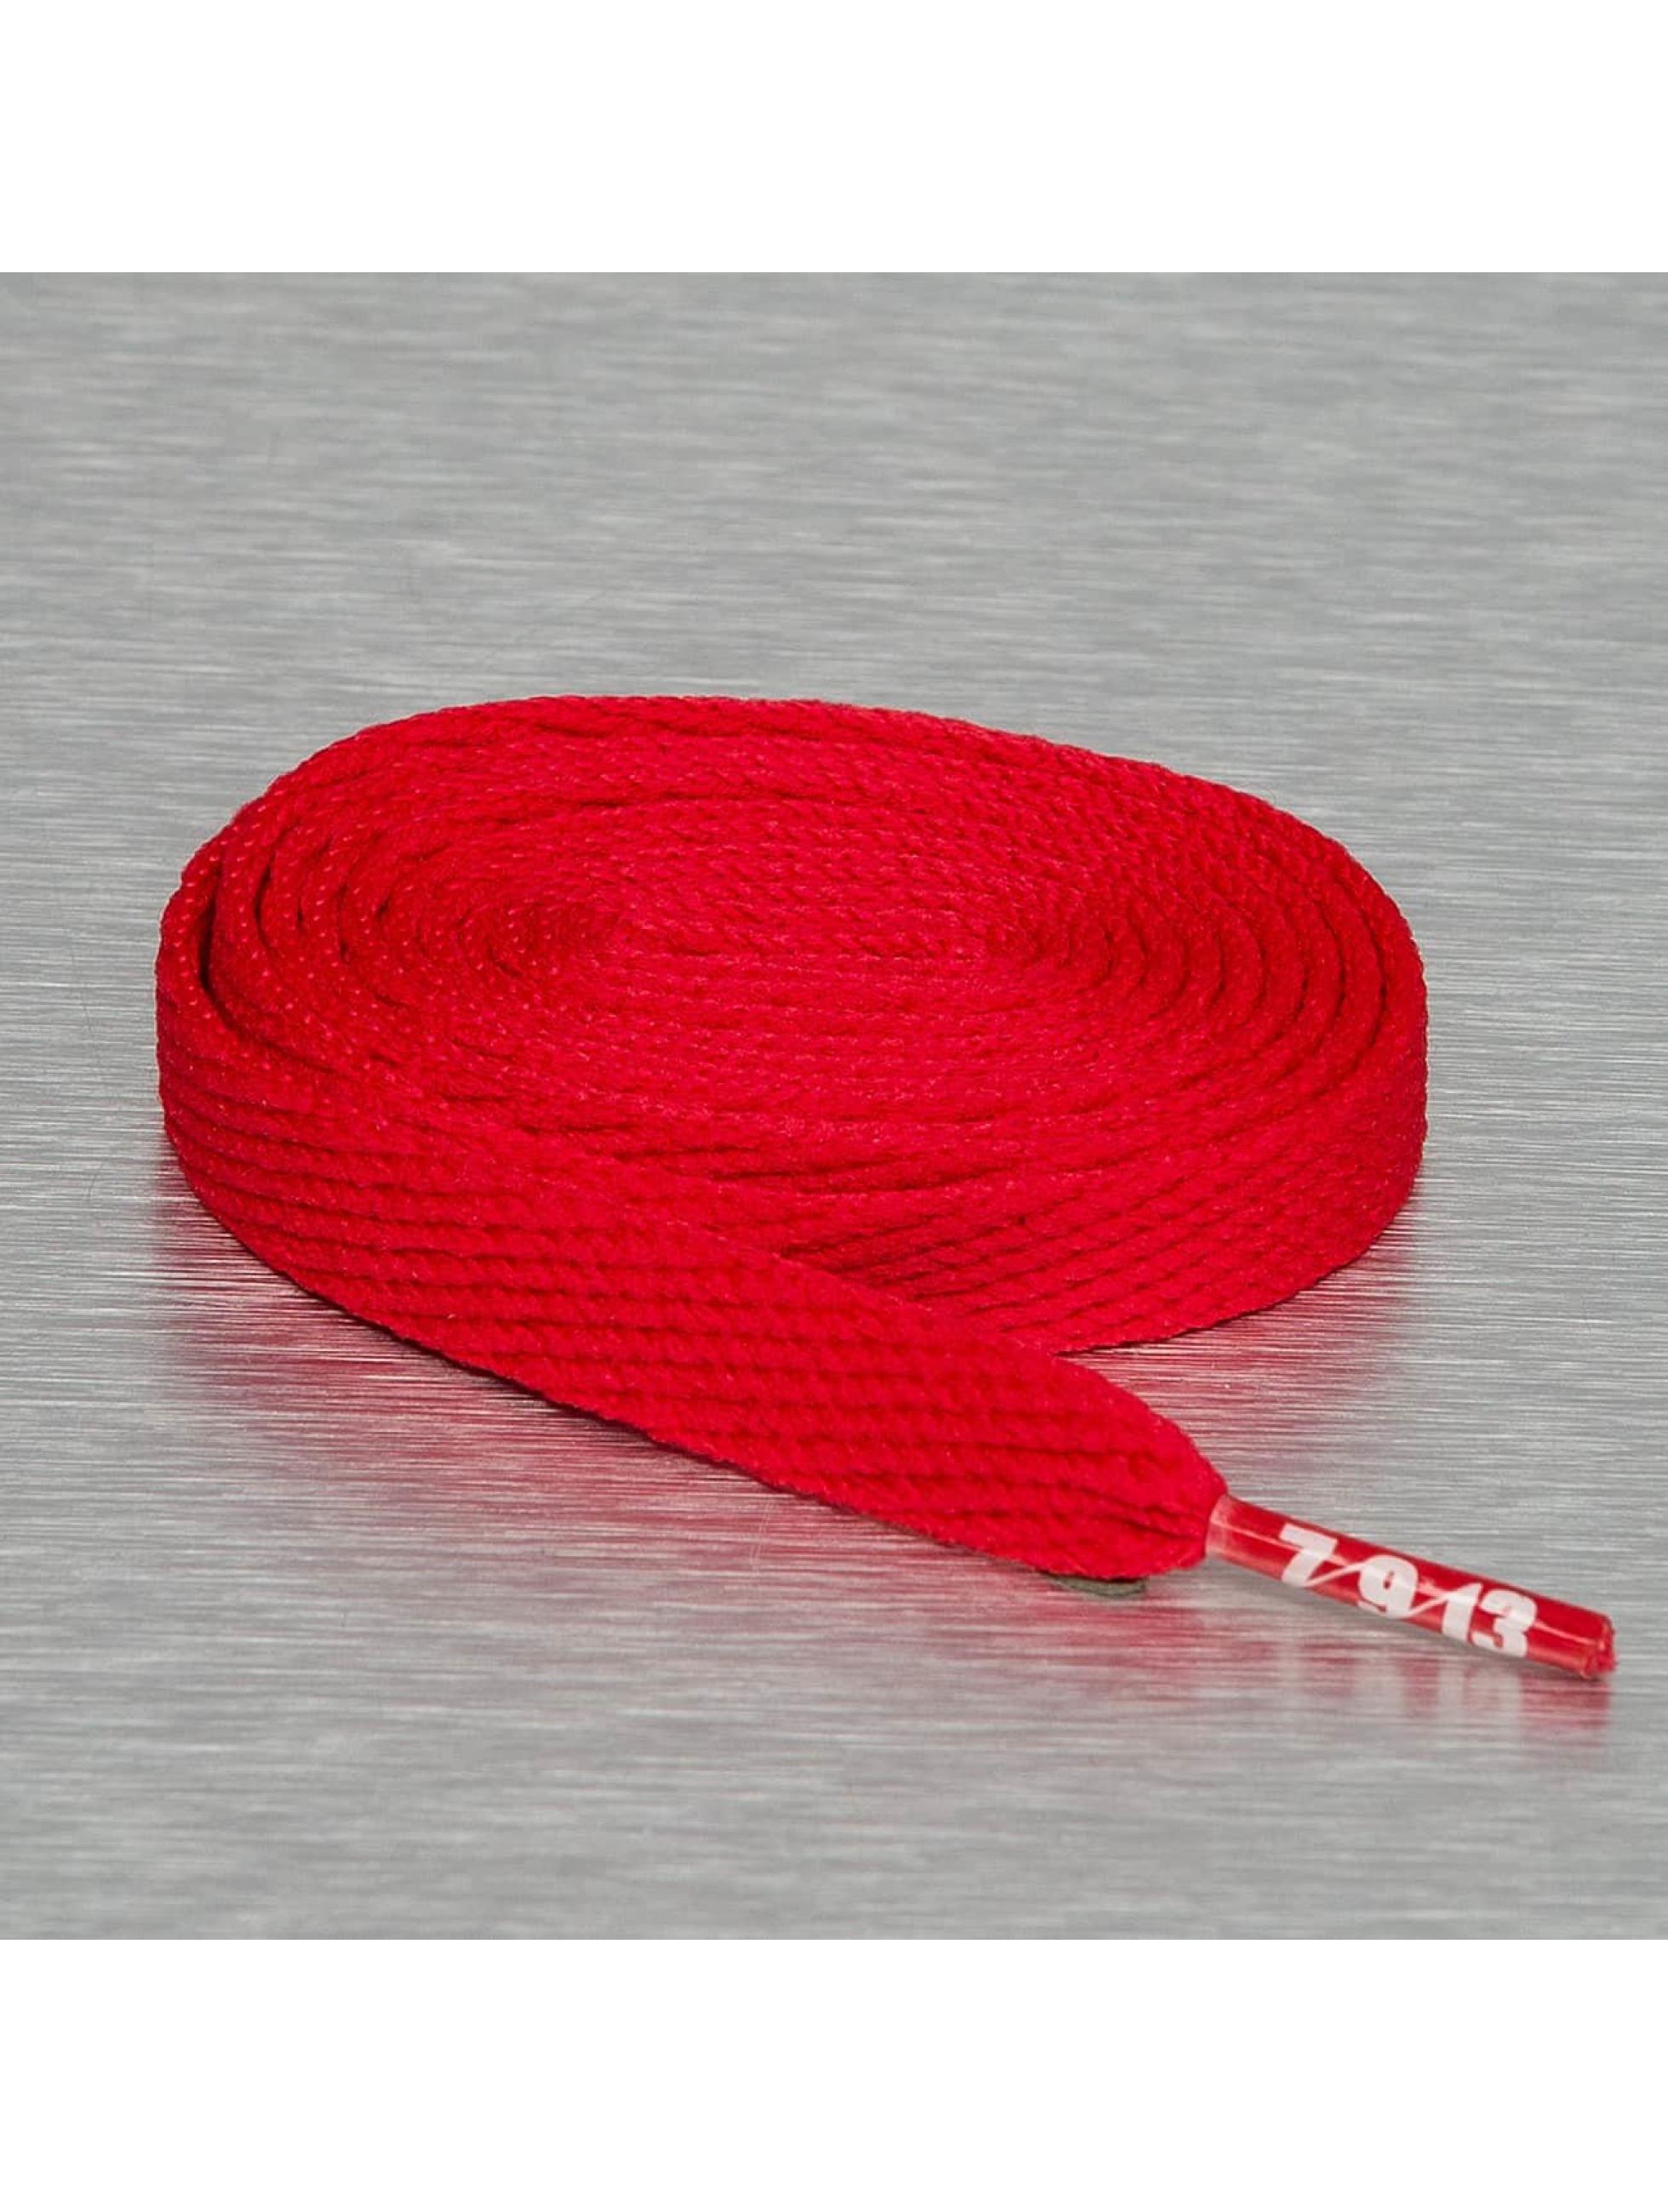 Seven Nine 13 Skolisse Hard Candy Flat red